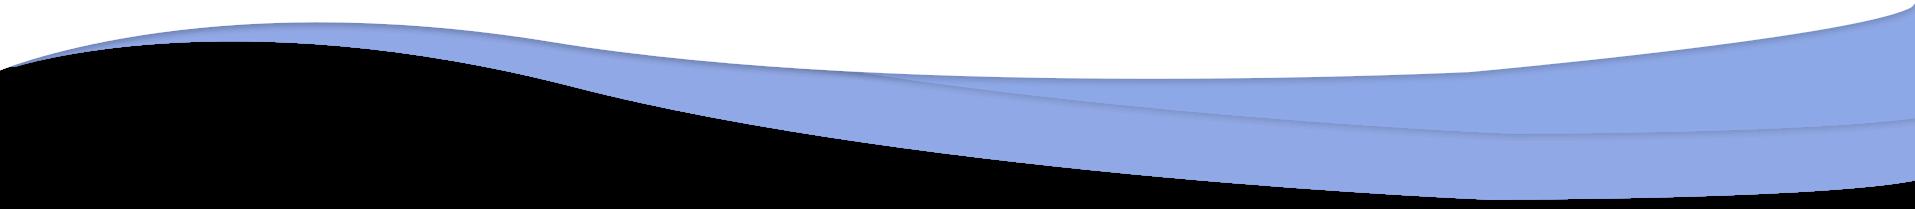 image-shape-3